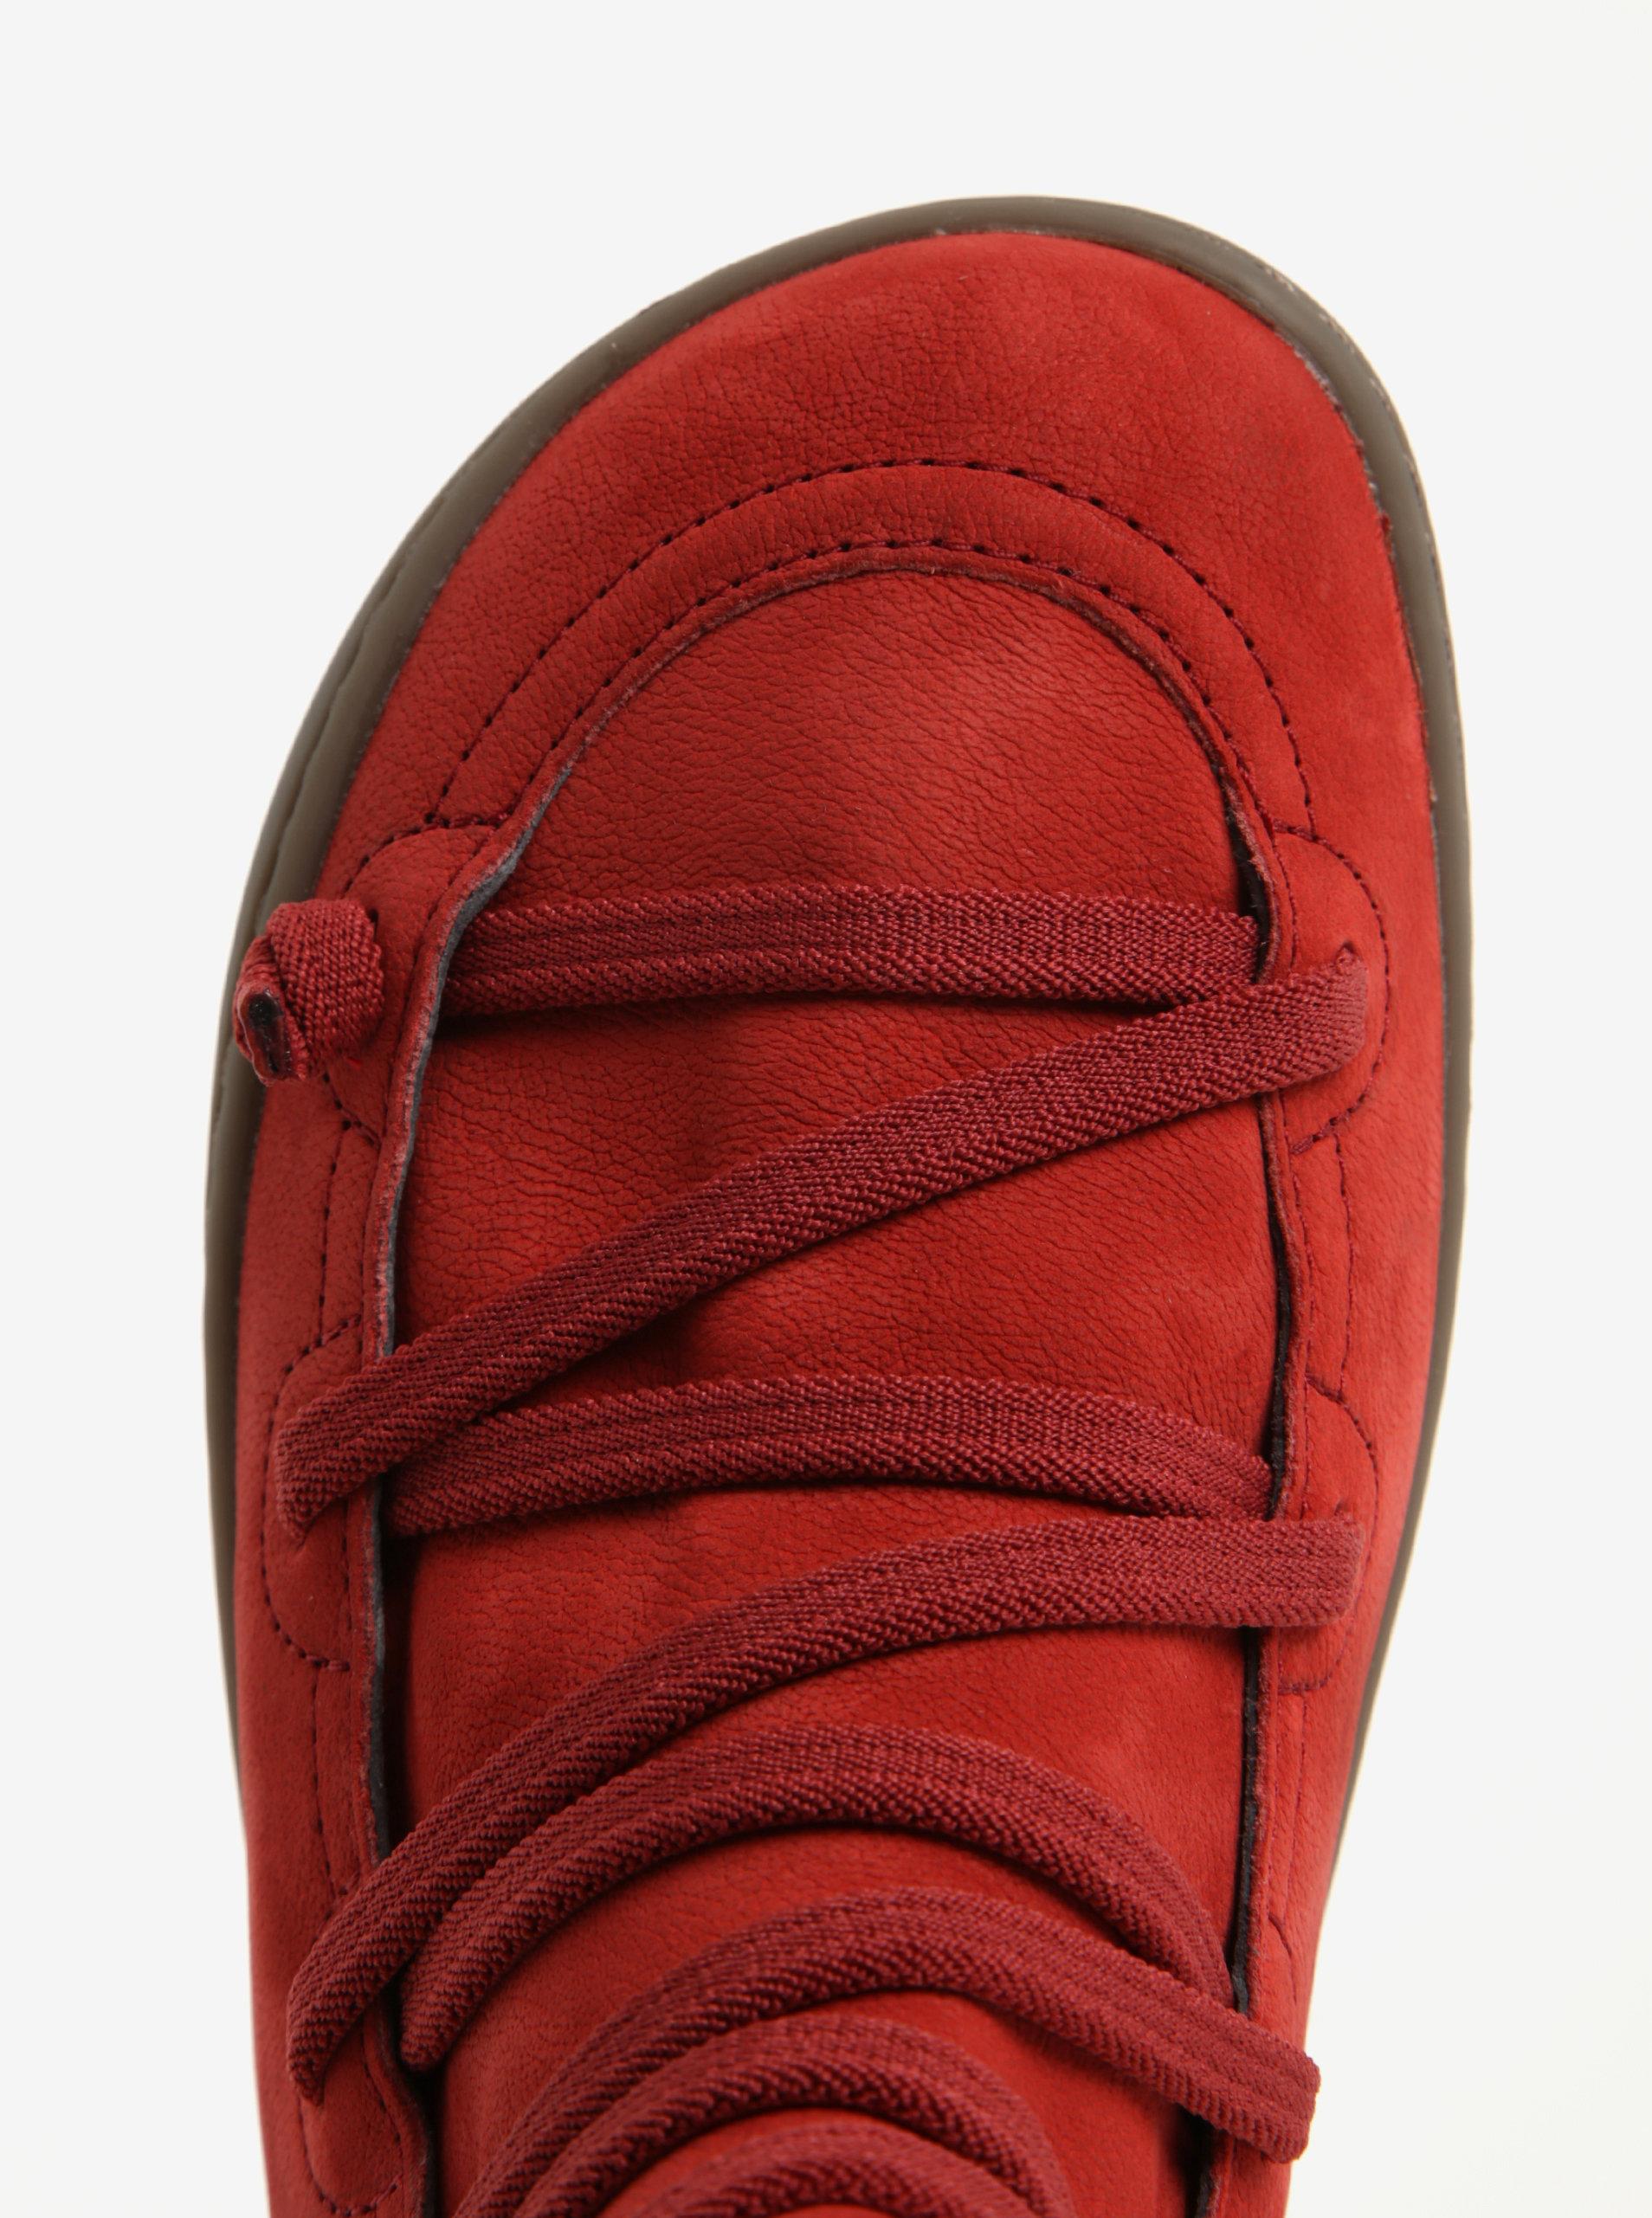 5637b3ffee2 Červené dámské kožené kotníkové boty se šněrováním Camper ...